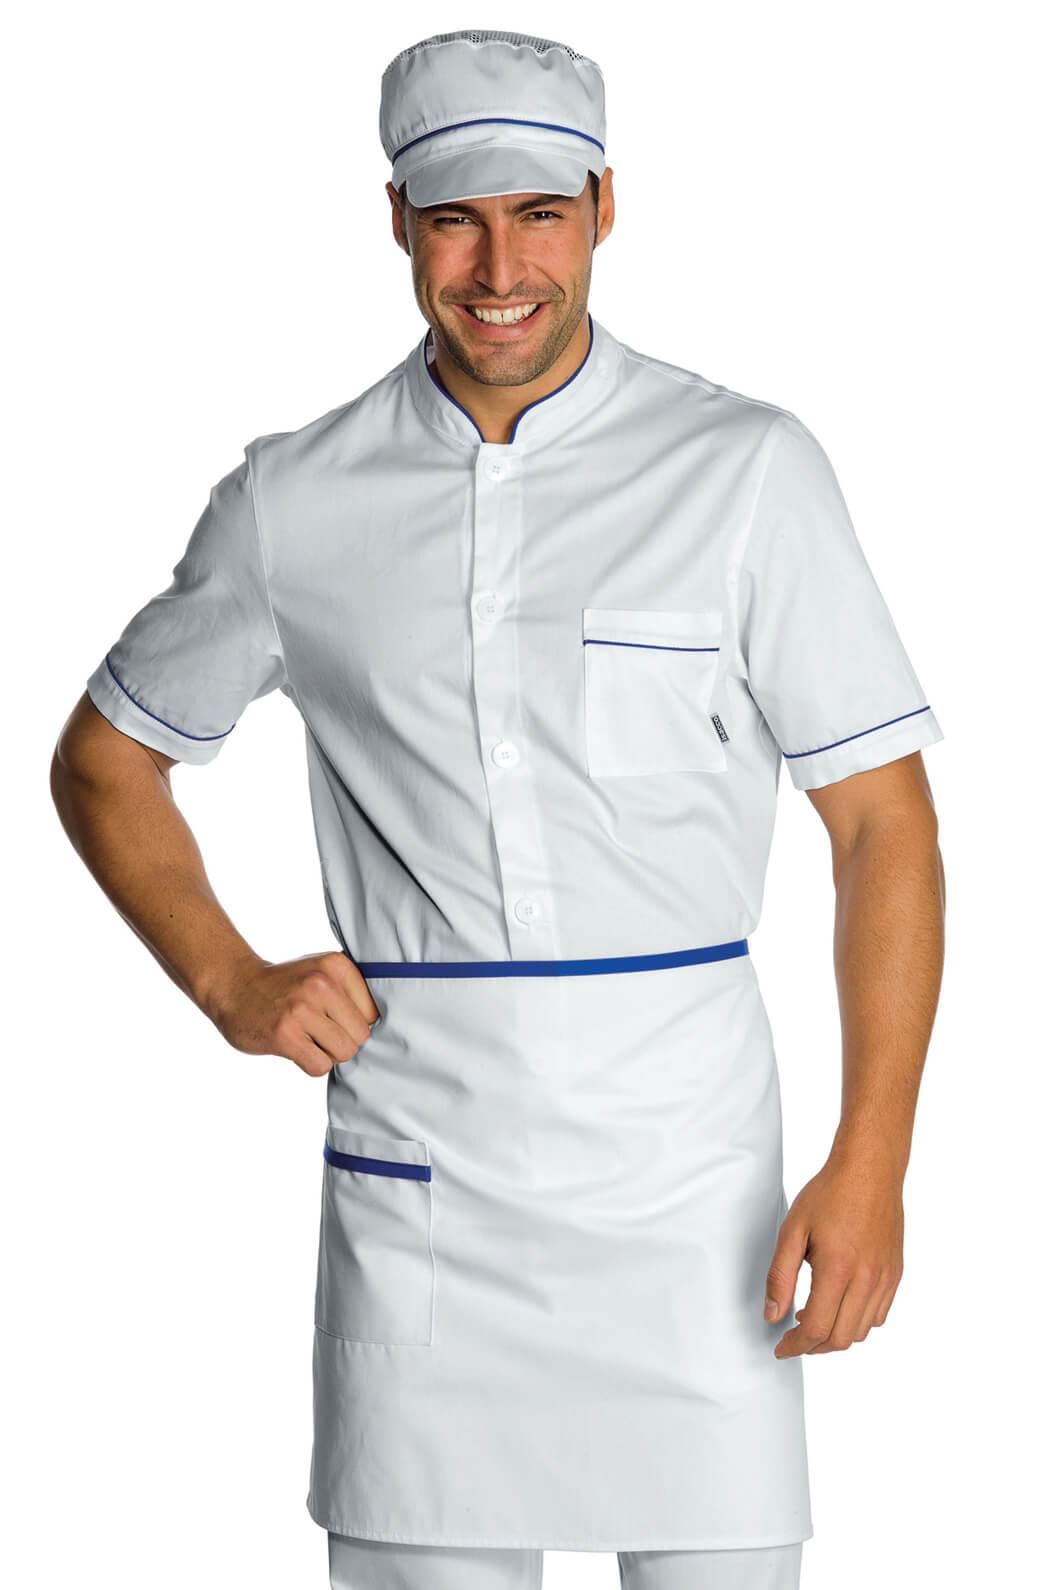 tablier de cuisine taille cm 70x46 avec poches blanc bleu cyan tabliers de cuisine. Black Bedroom Furniture Sets. Home Design Ideas